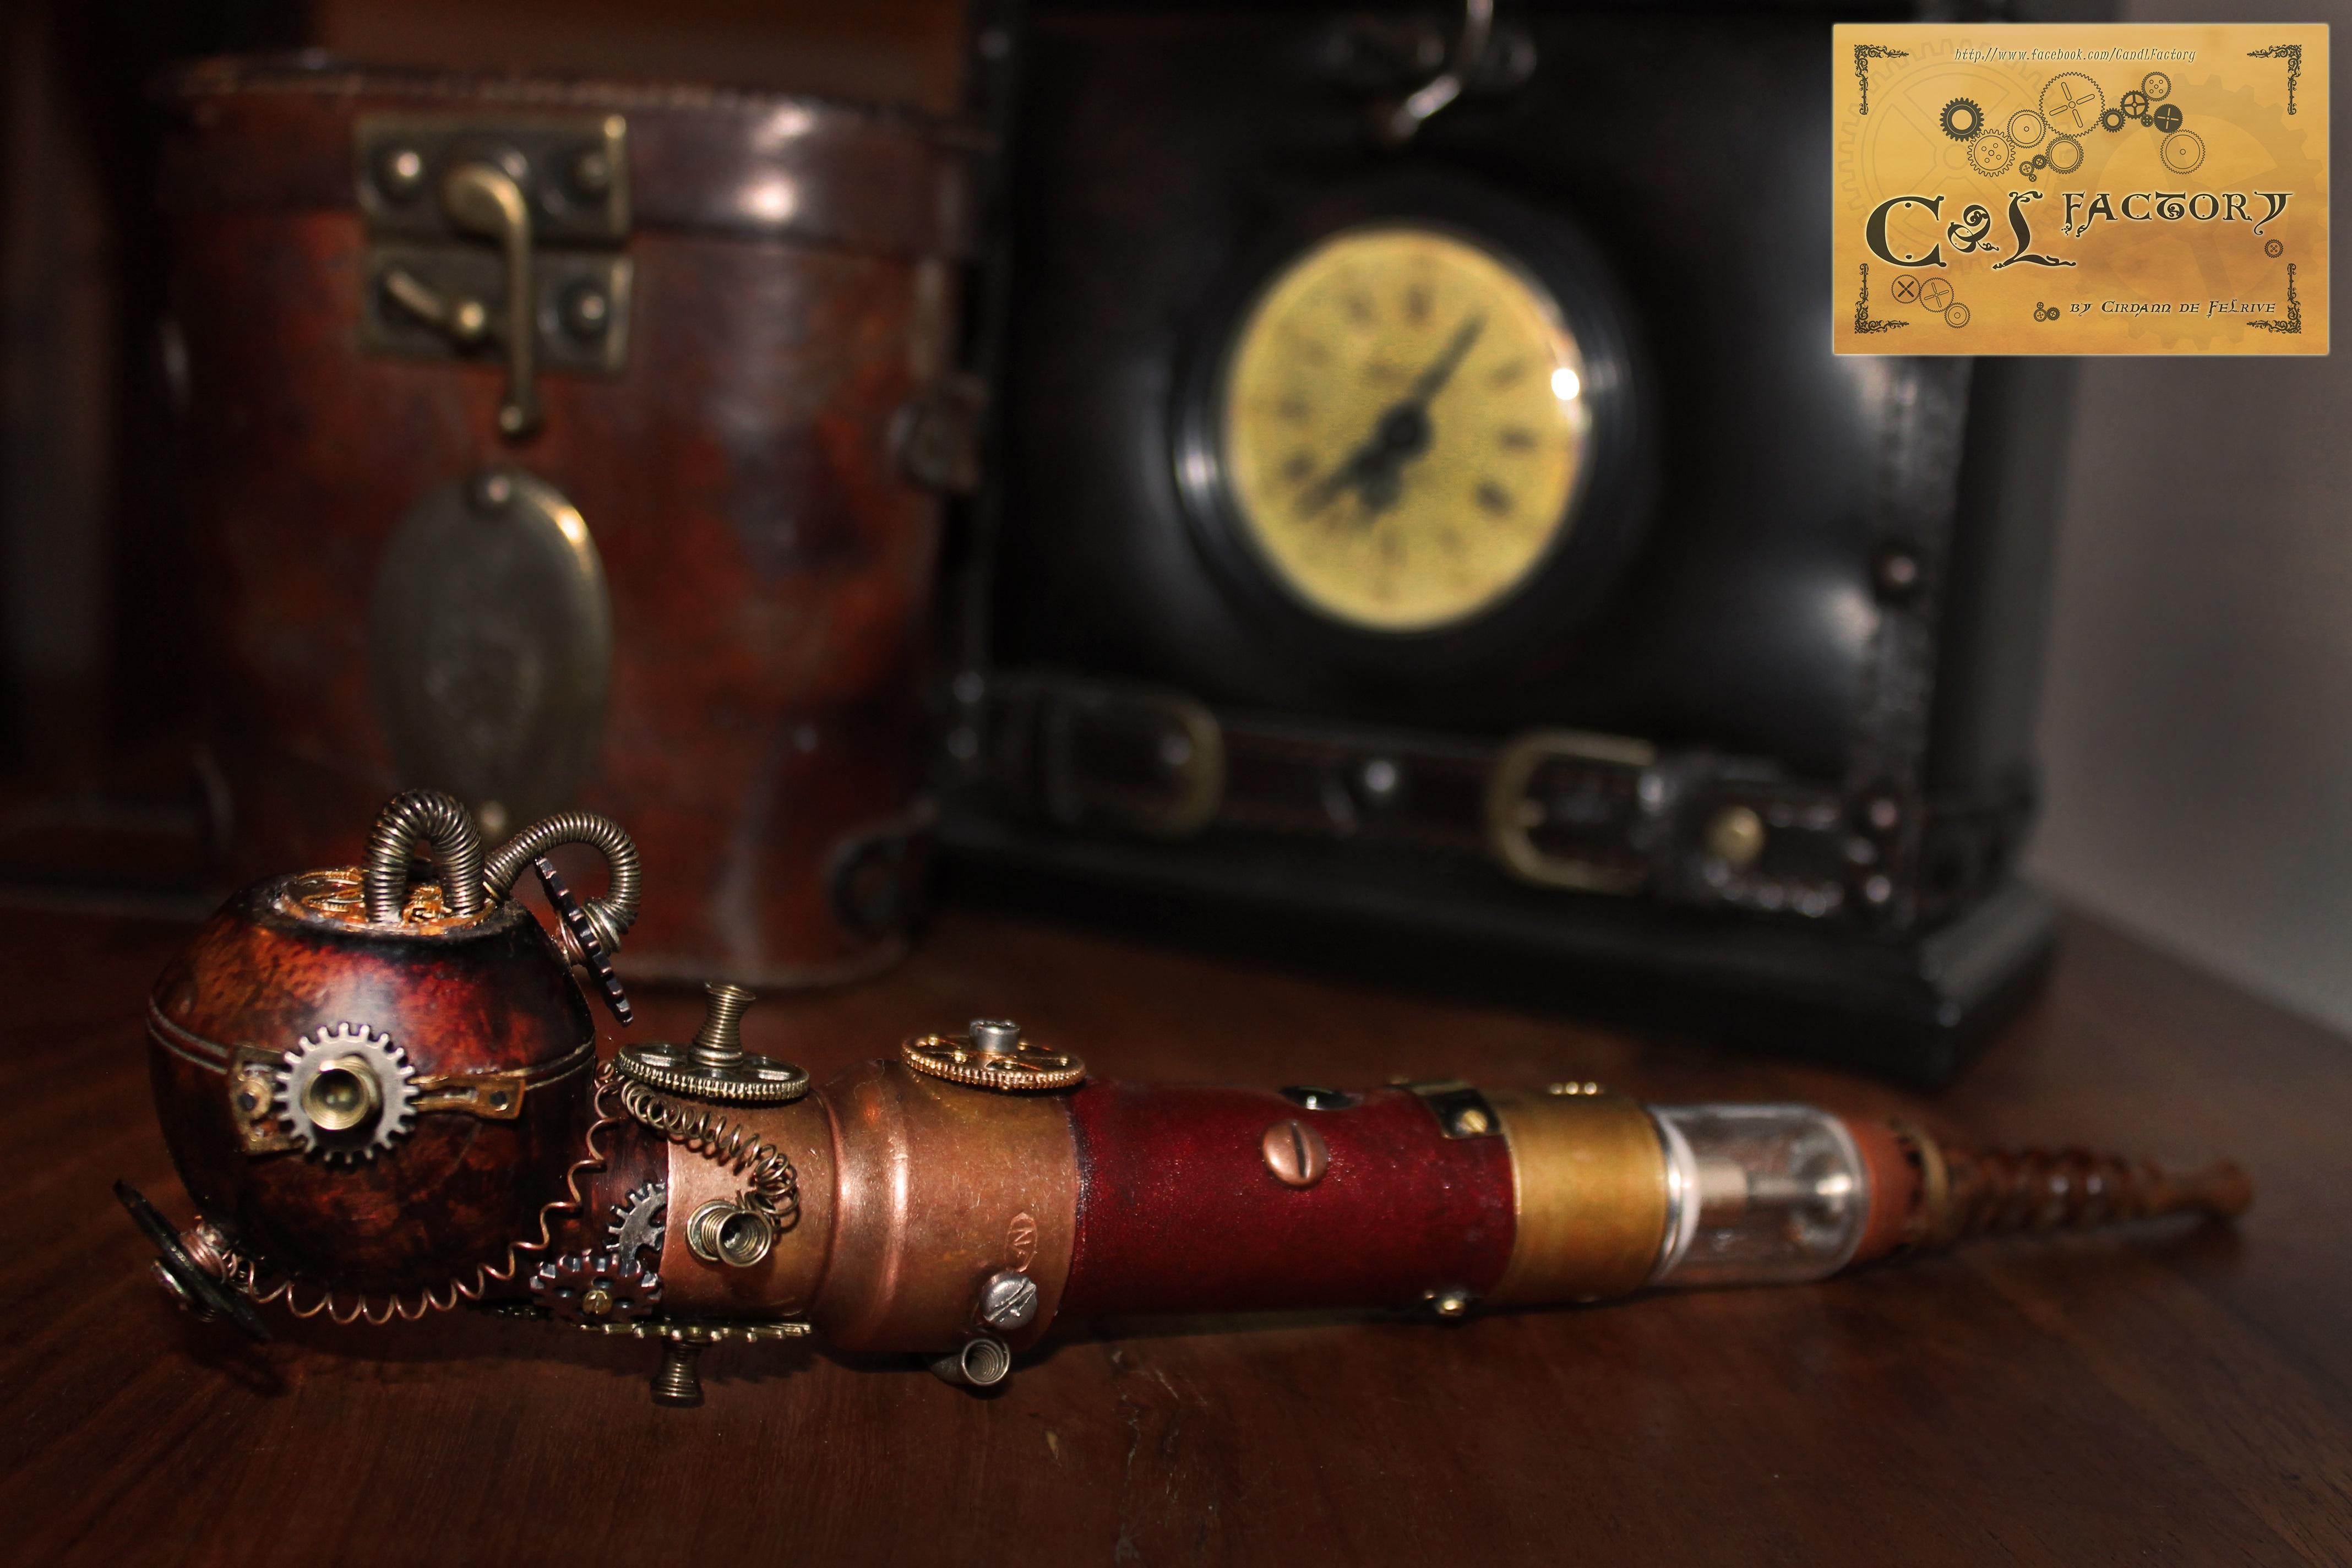 electronic_cigarette_steampunk_vape_e_pipe_n20_3_by_cirdann72-d83qayg